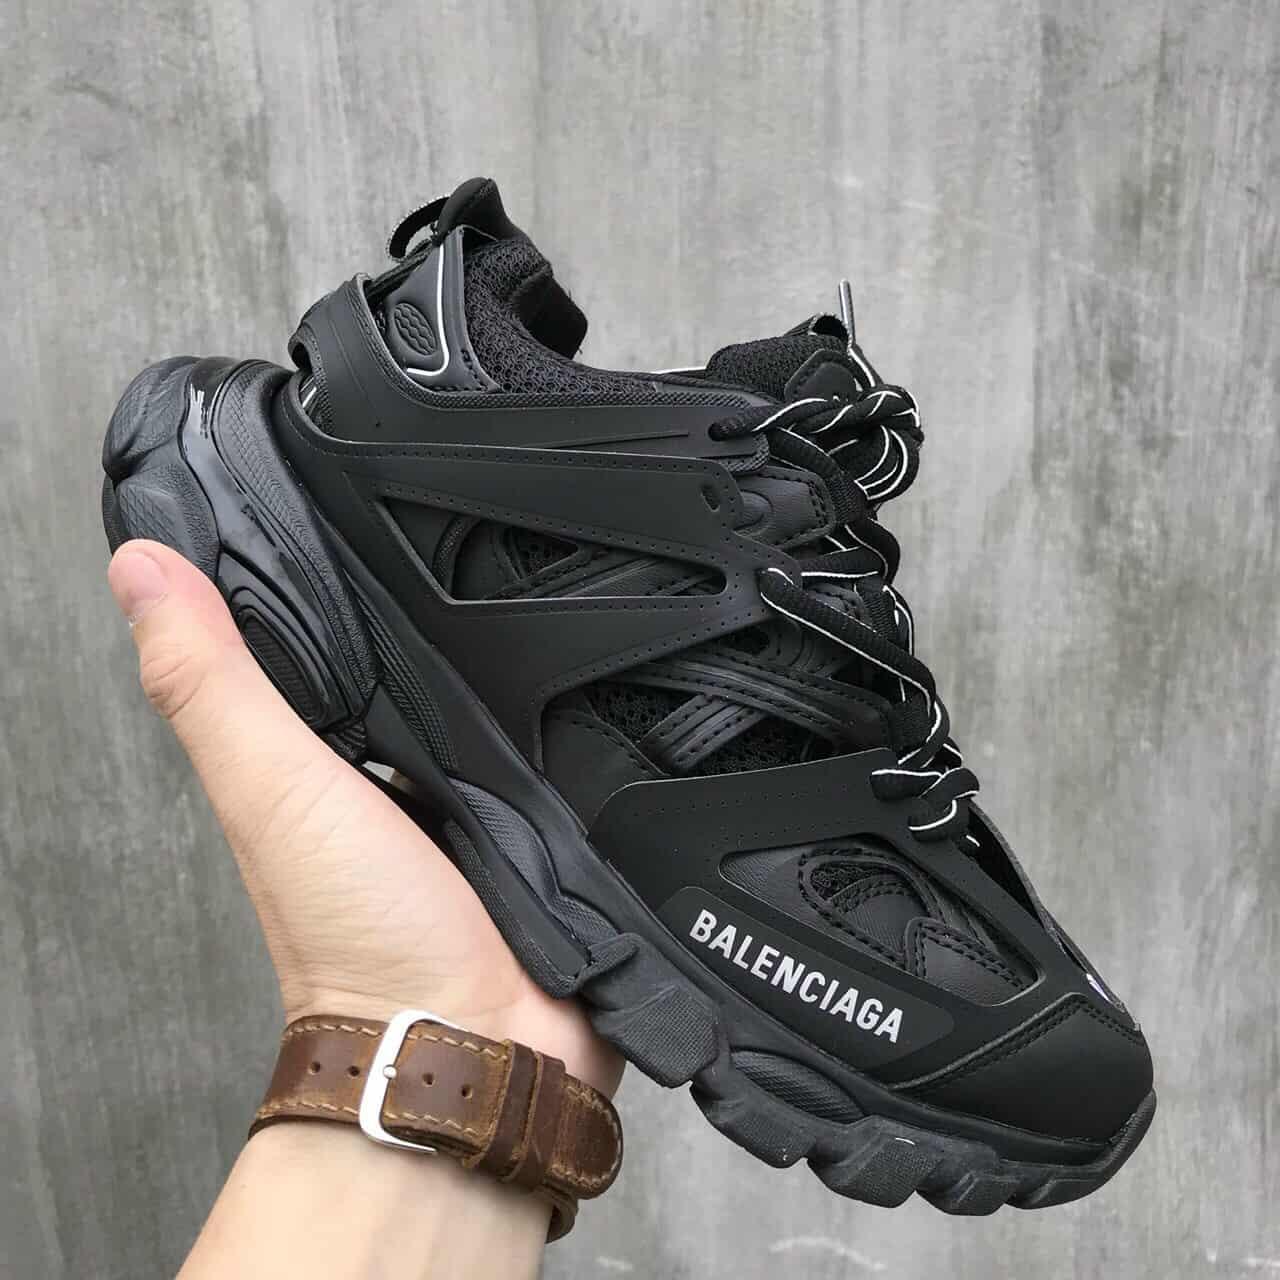 Giày Balenciaga Track Đen rep 1:1 có tông màu đơn giản, không cầu kỳ